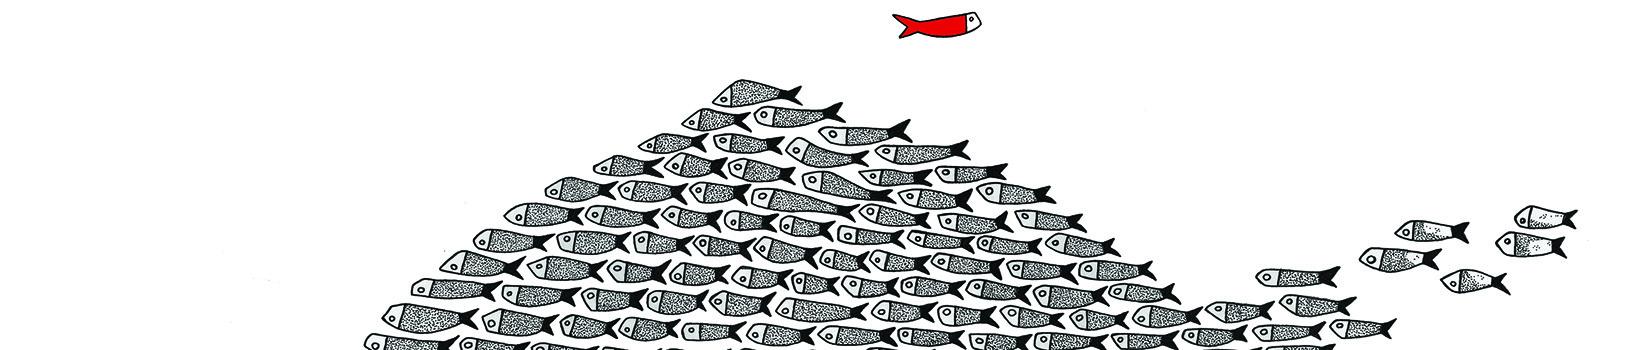 drawingfish di laura guerra